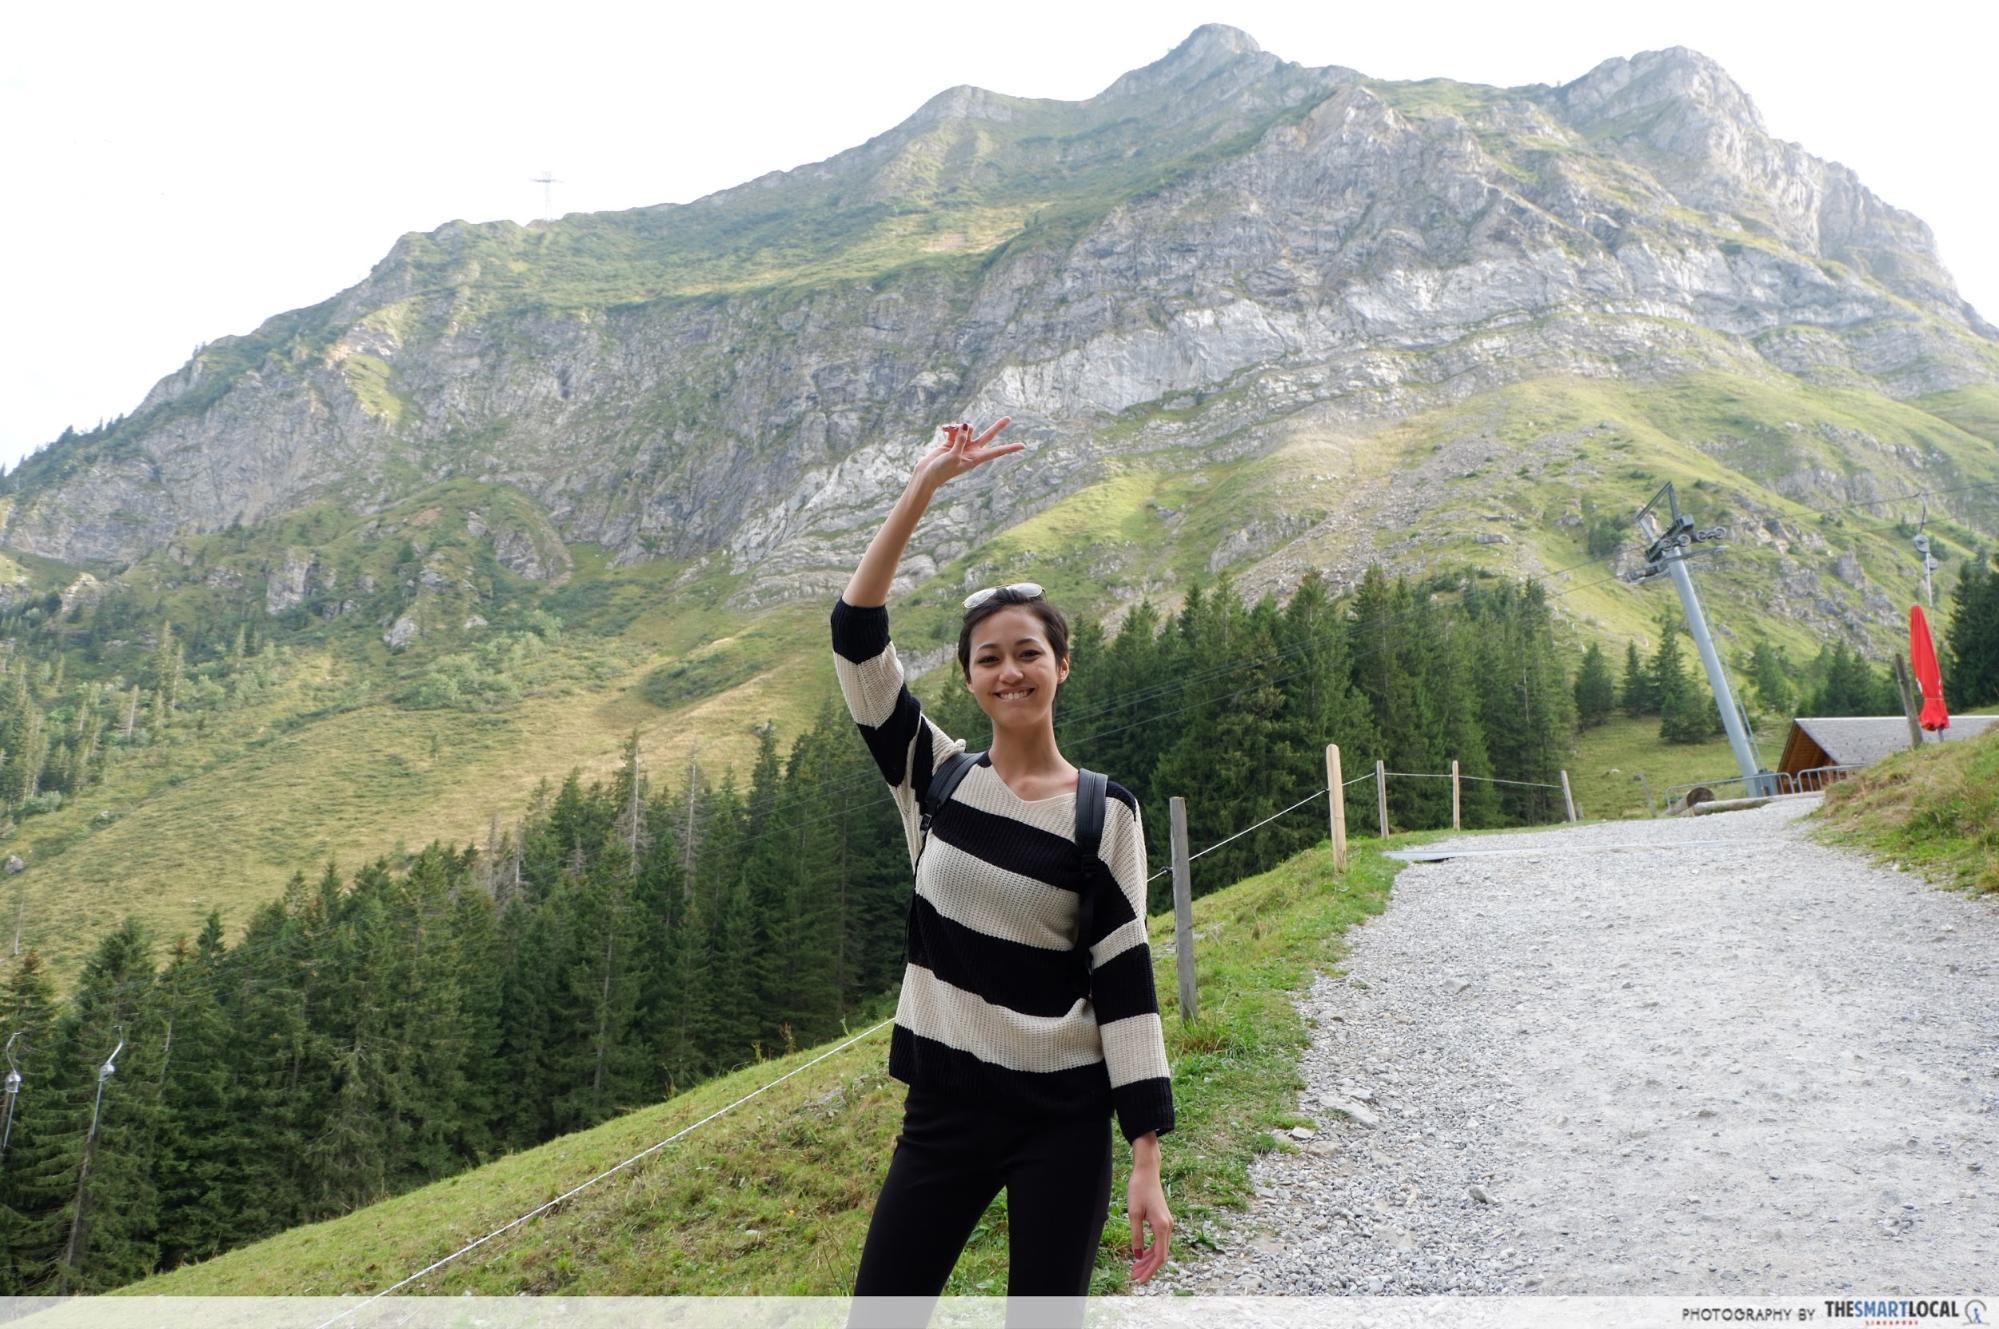 Girl on Mount Pilatus Switzerland